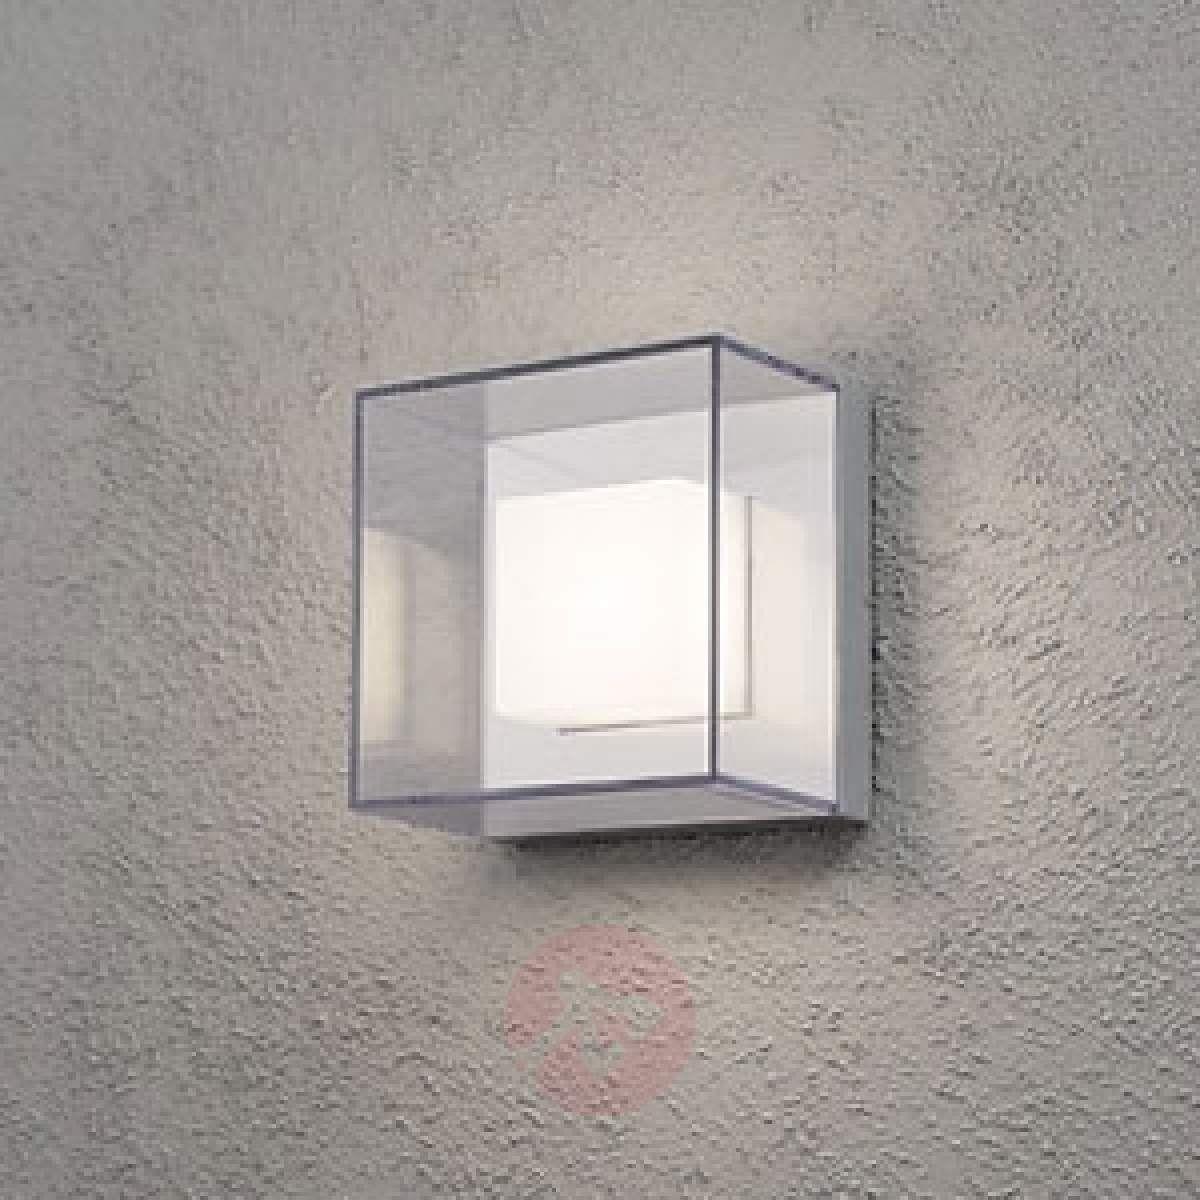 Kwadratowa Zewnętrzna Lampa ścienna Led Sanremo Lampy